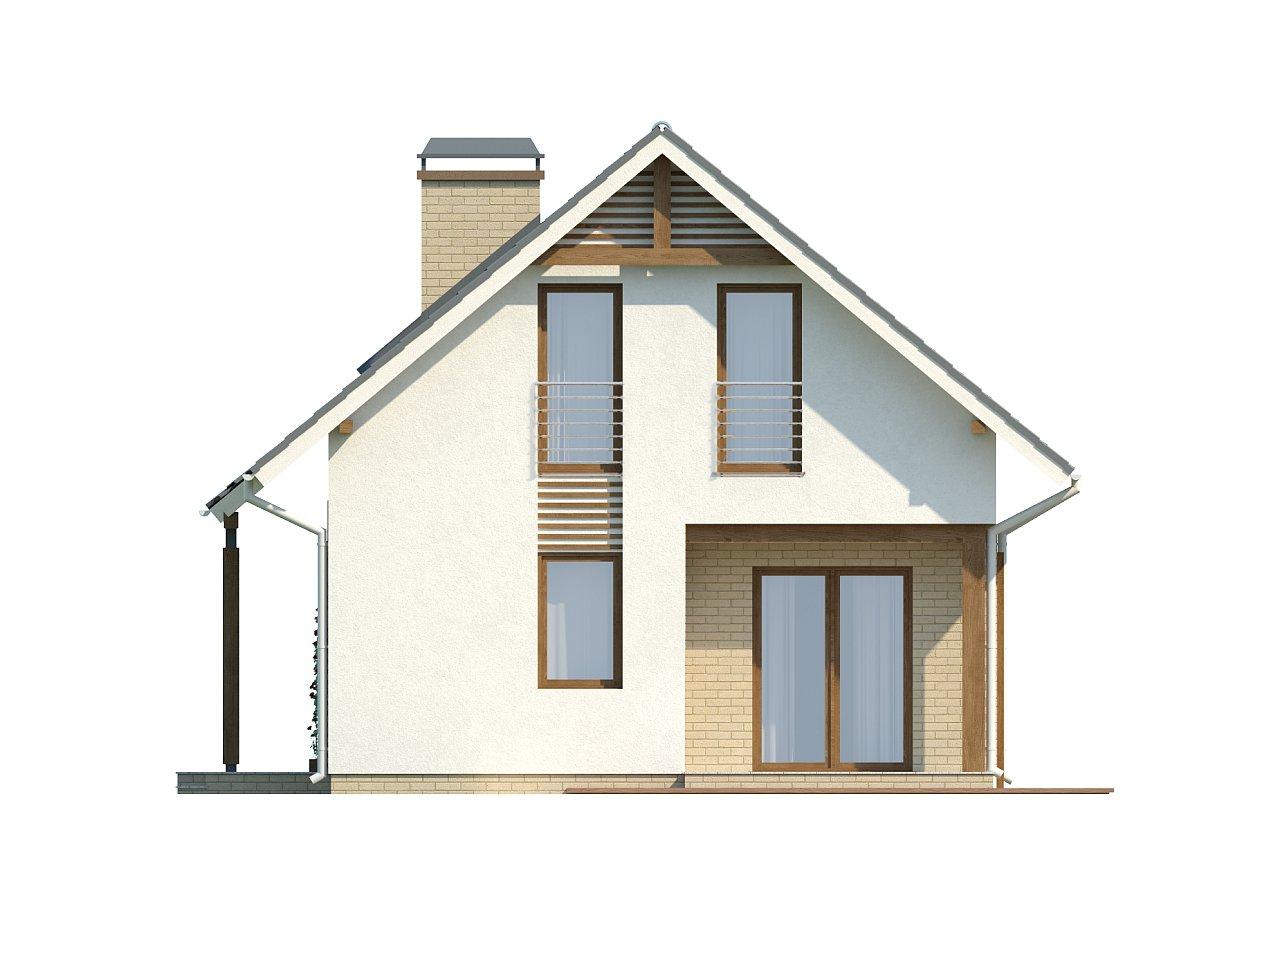 Практичный функциональный дом, недорогой в строительстве и эксплуатации. 14